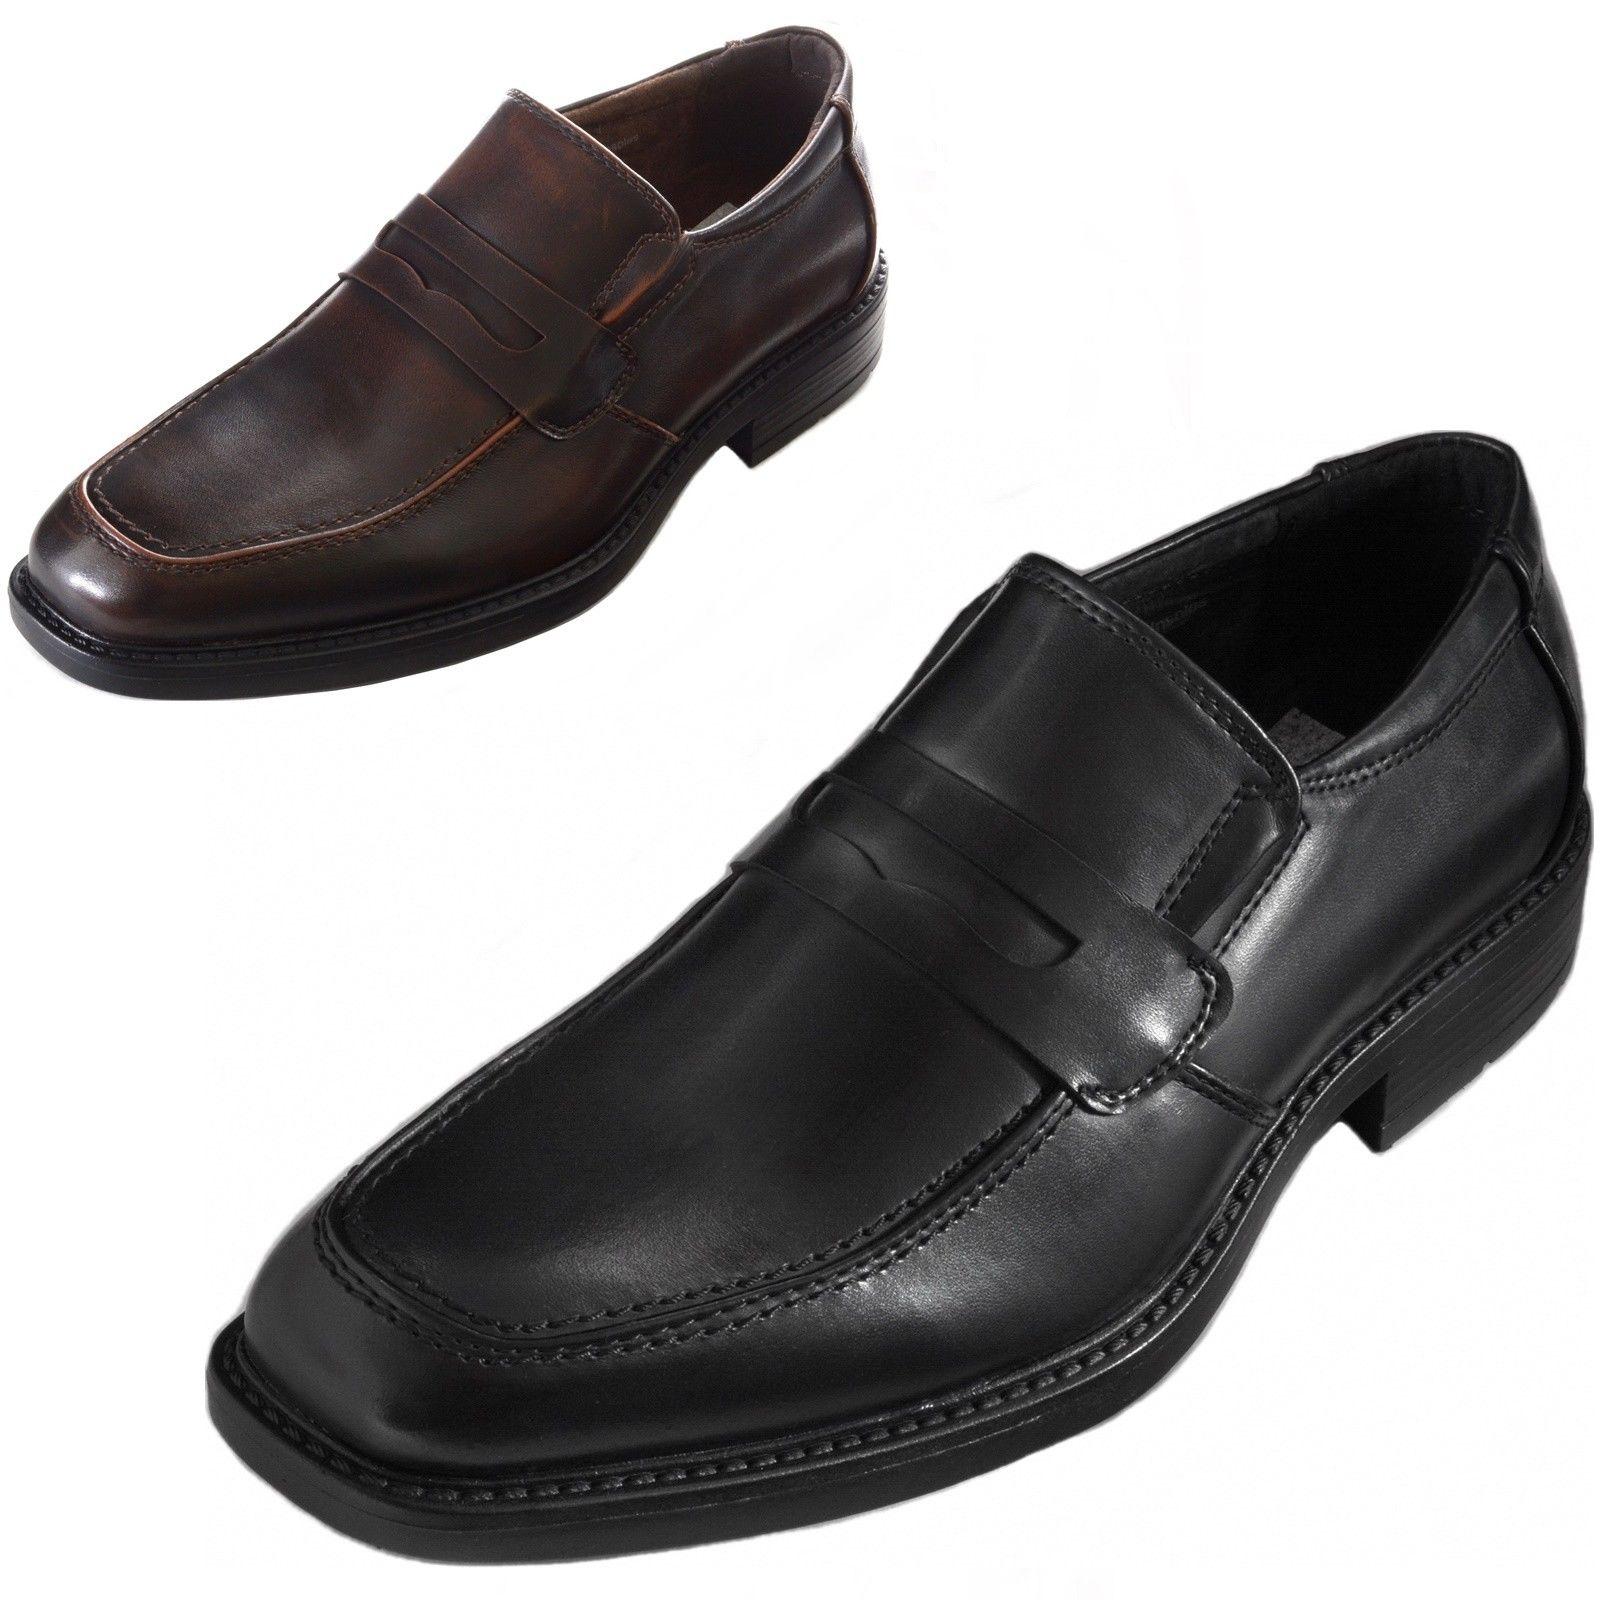 Alpine Swiss Men's Penny Dress Shoes $20